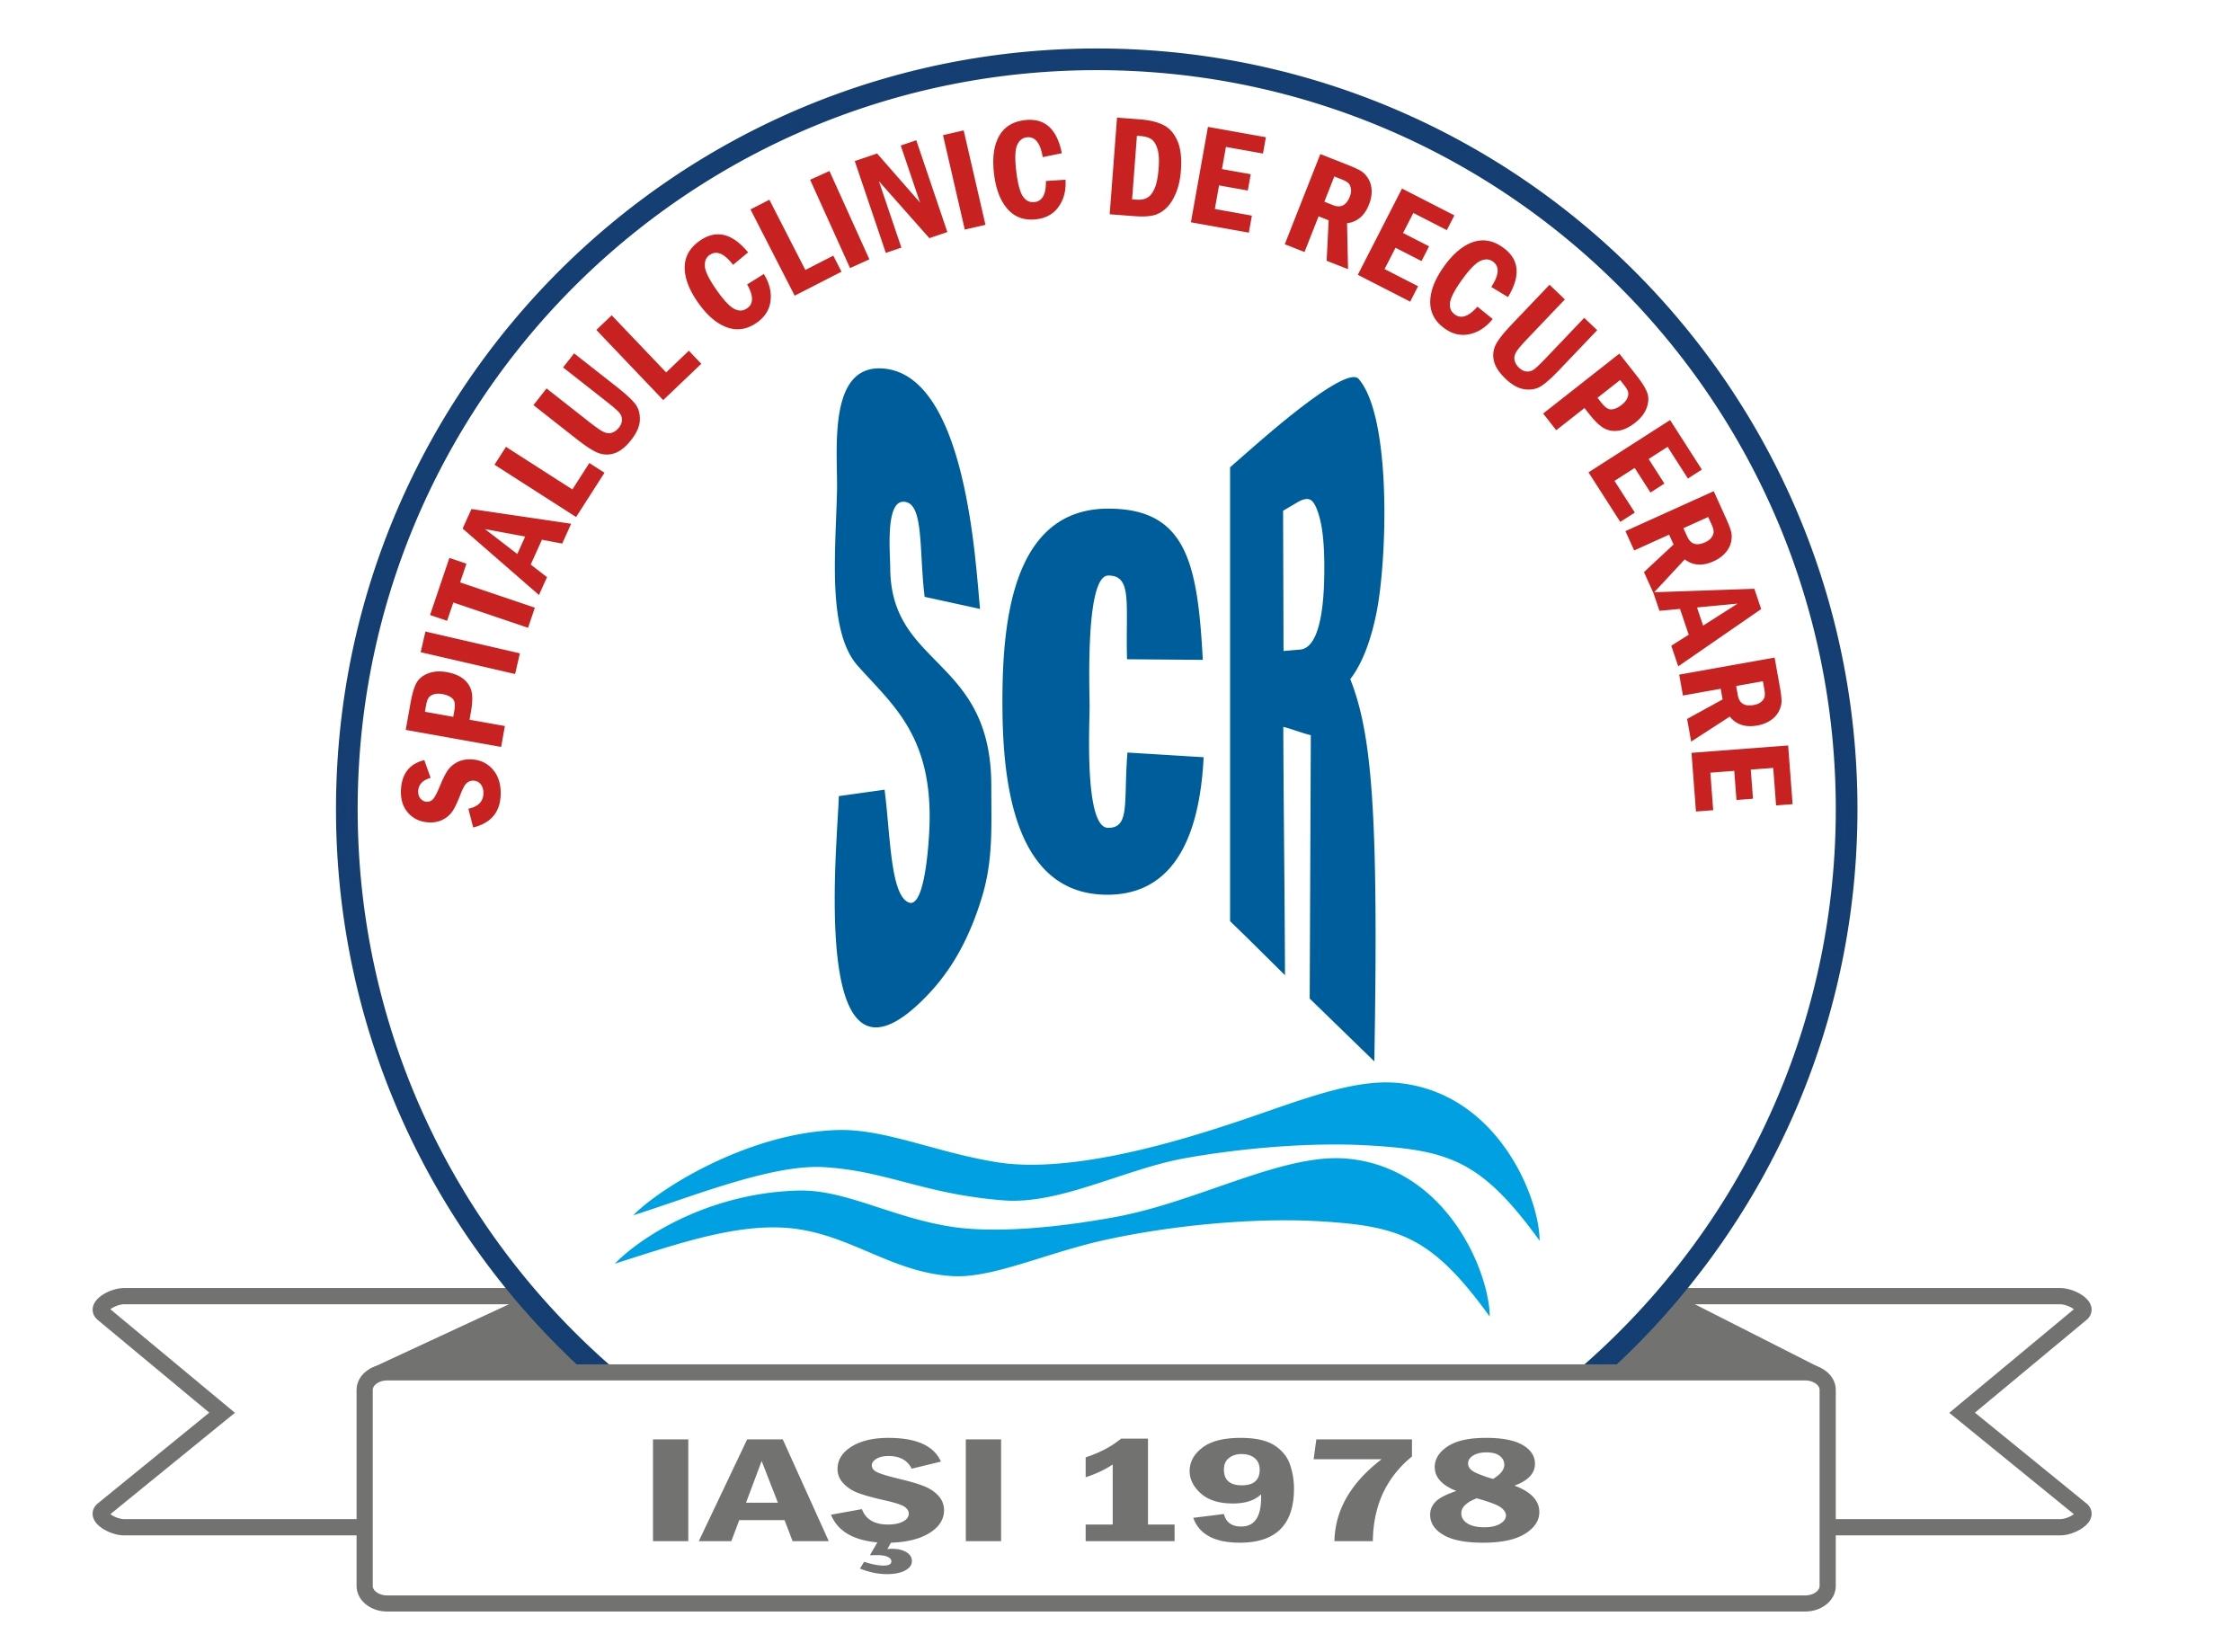 Zilele Spitalului Clinic de Recuperare Iasi 2021